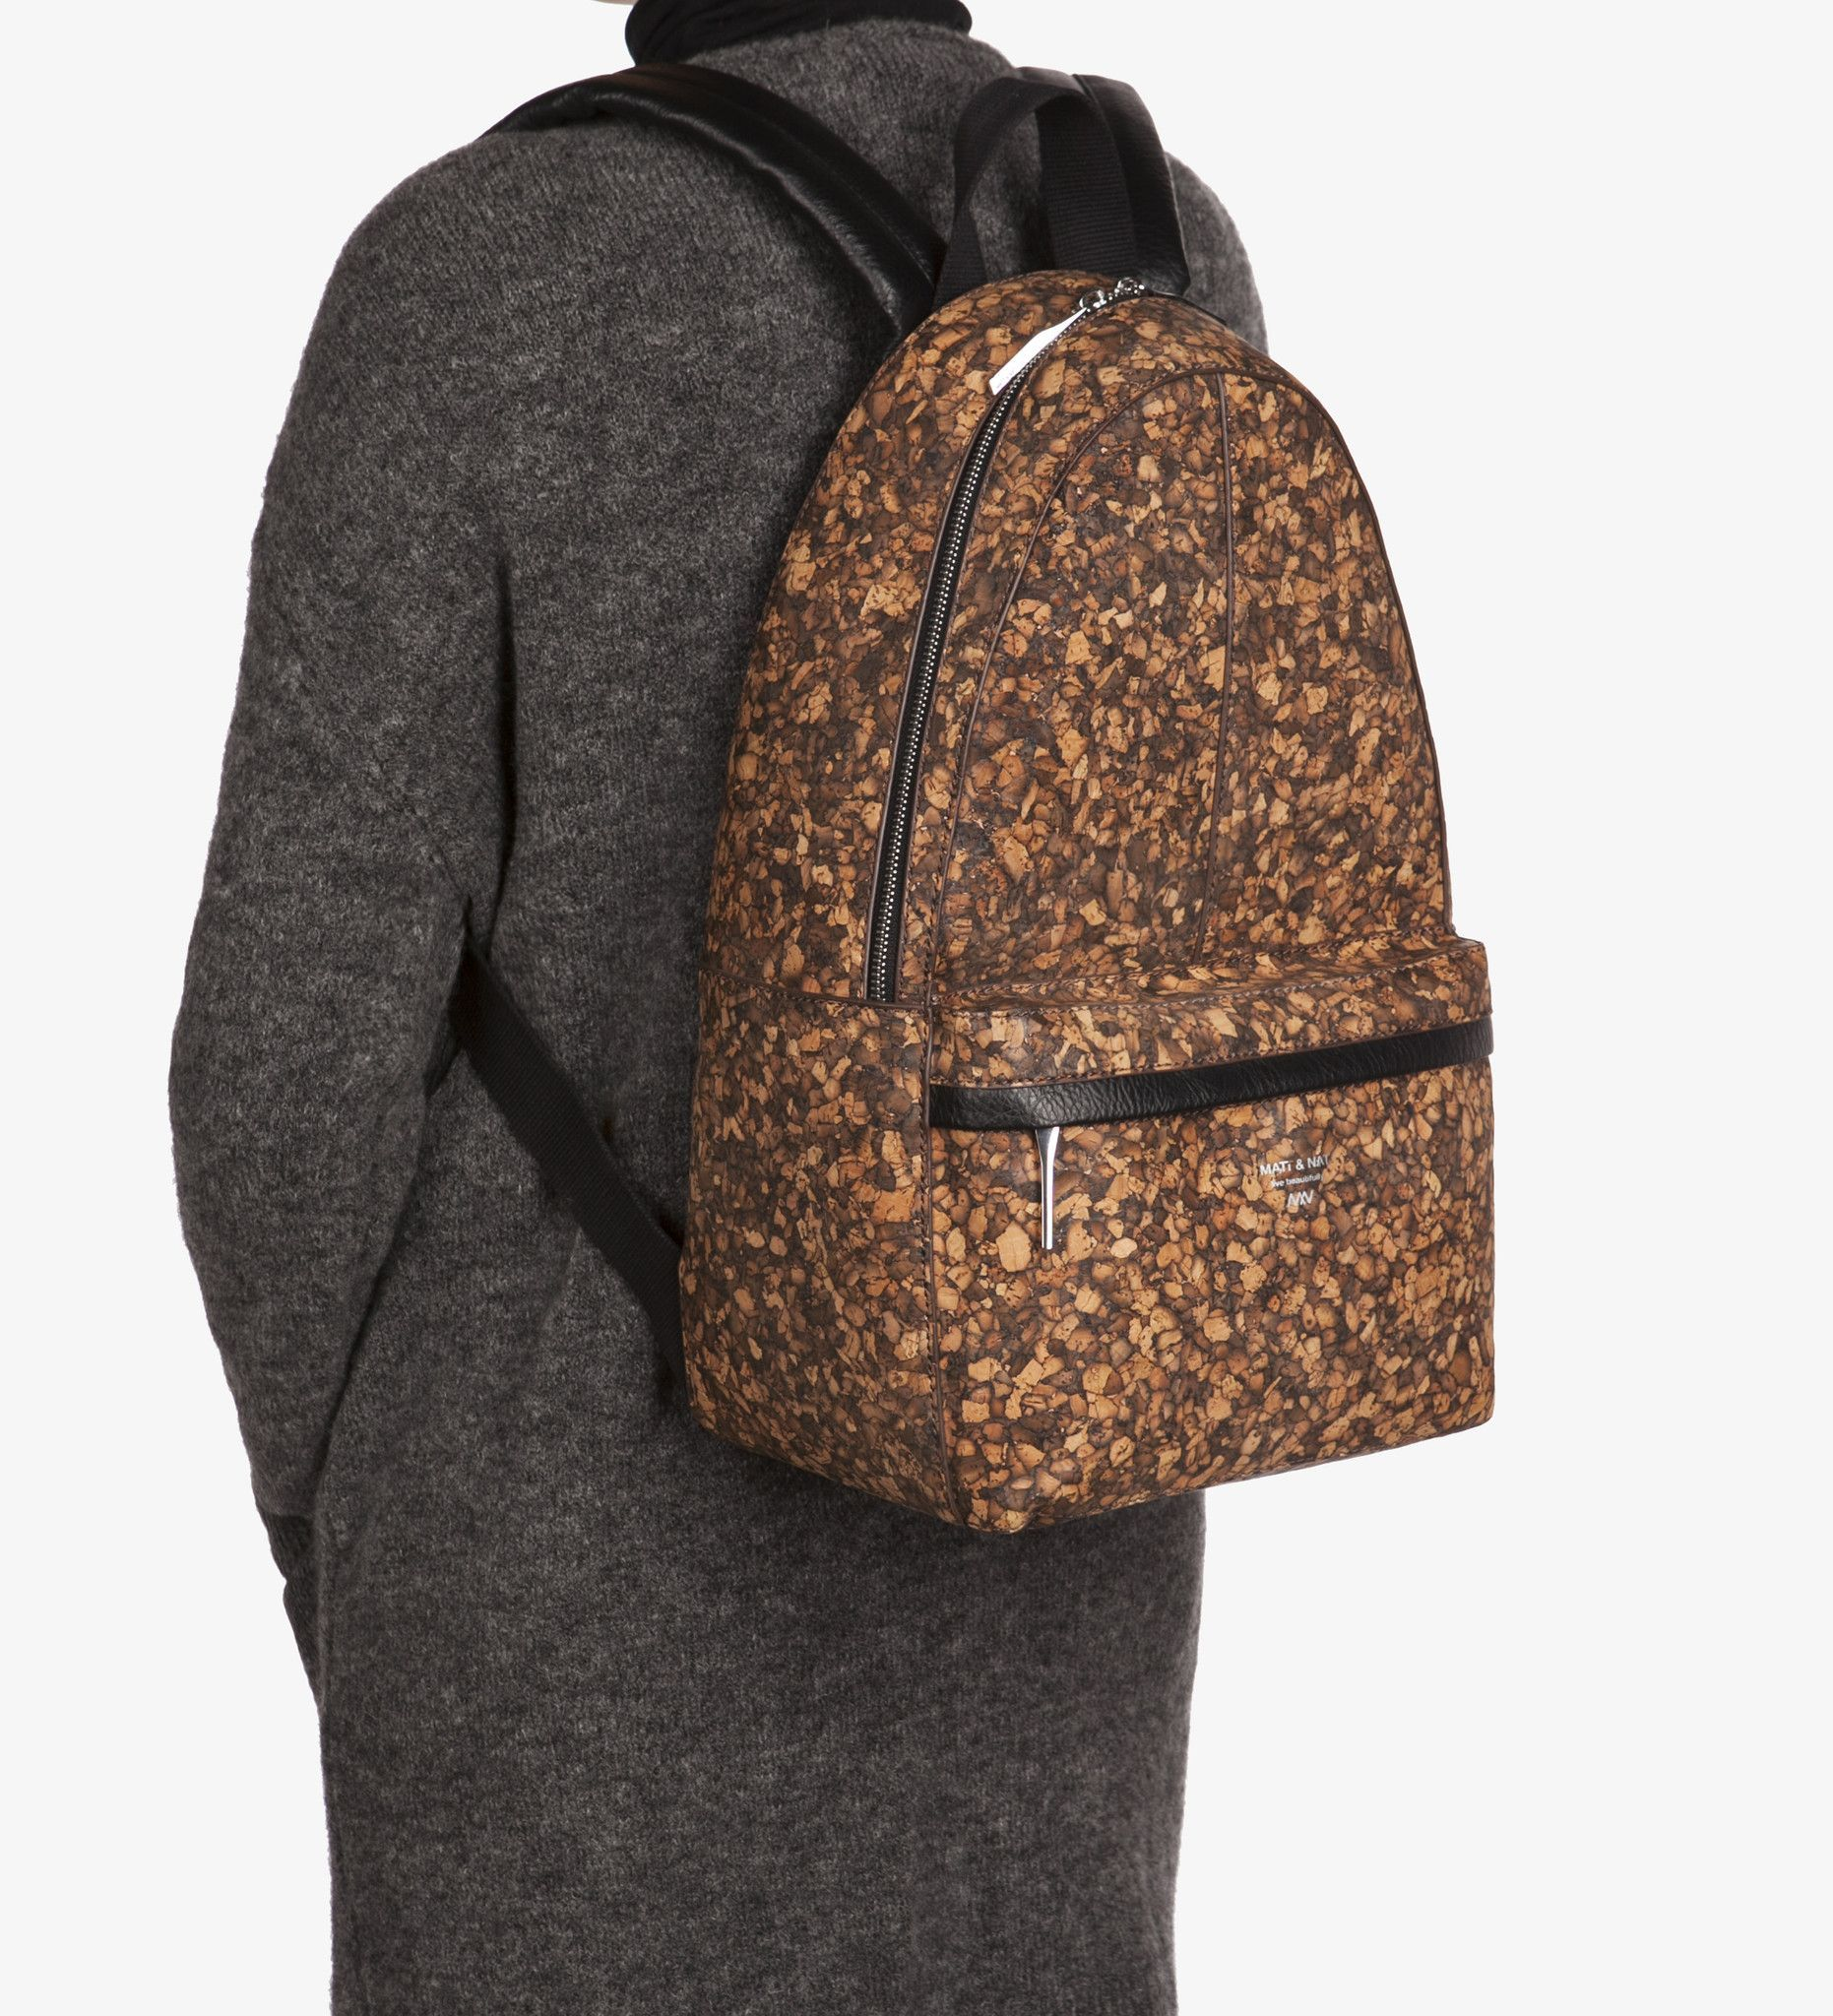 2d2a78e620a5 Cork Backpack  Reya by Matt   Nat